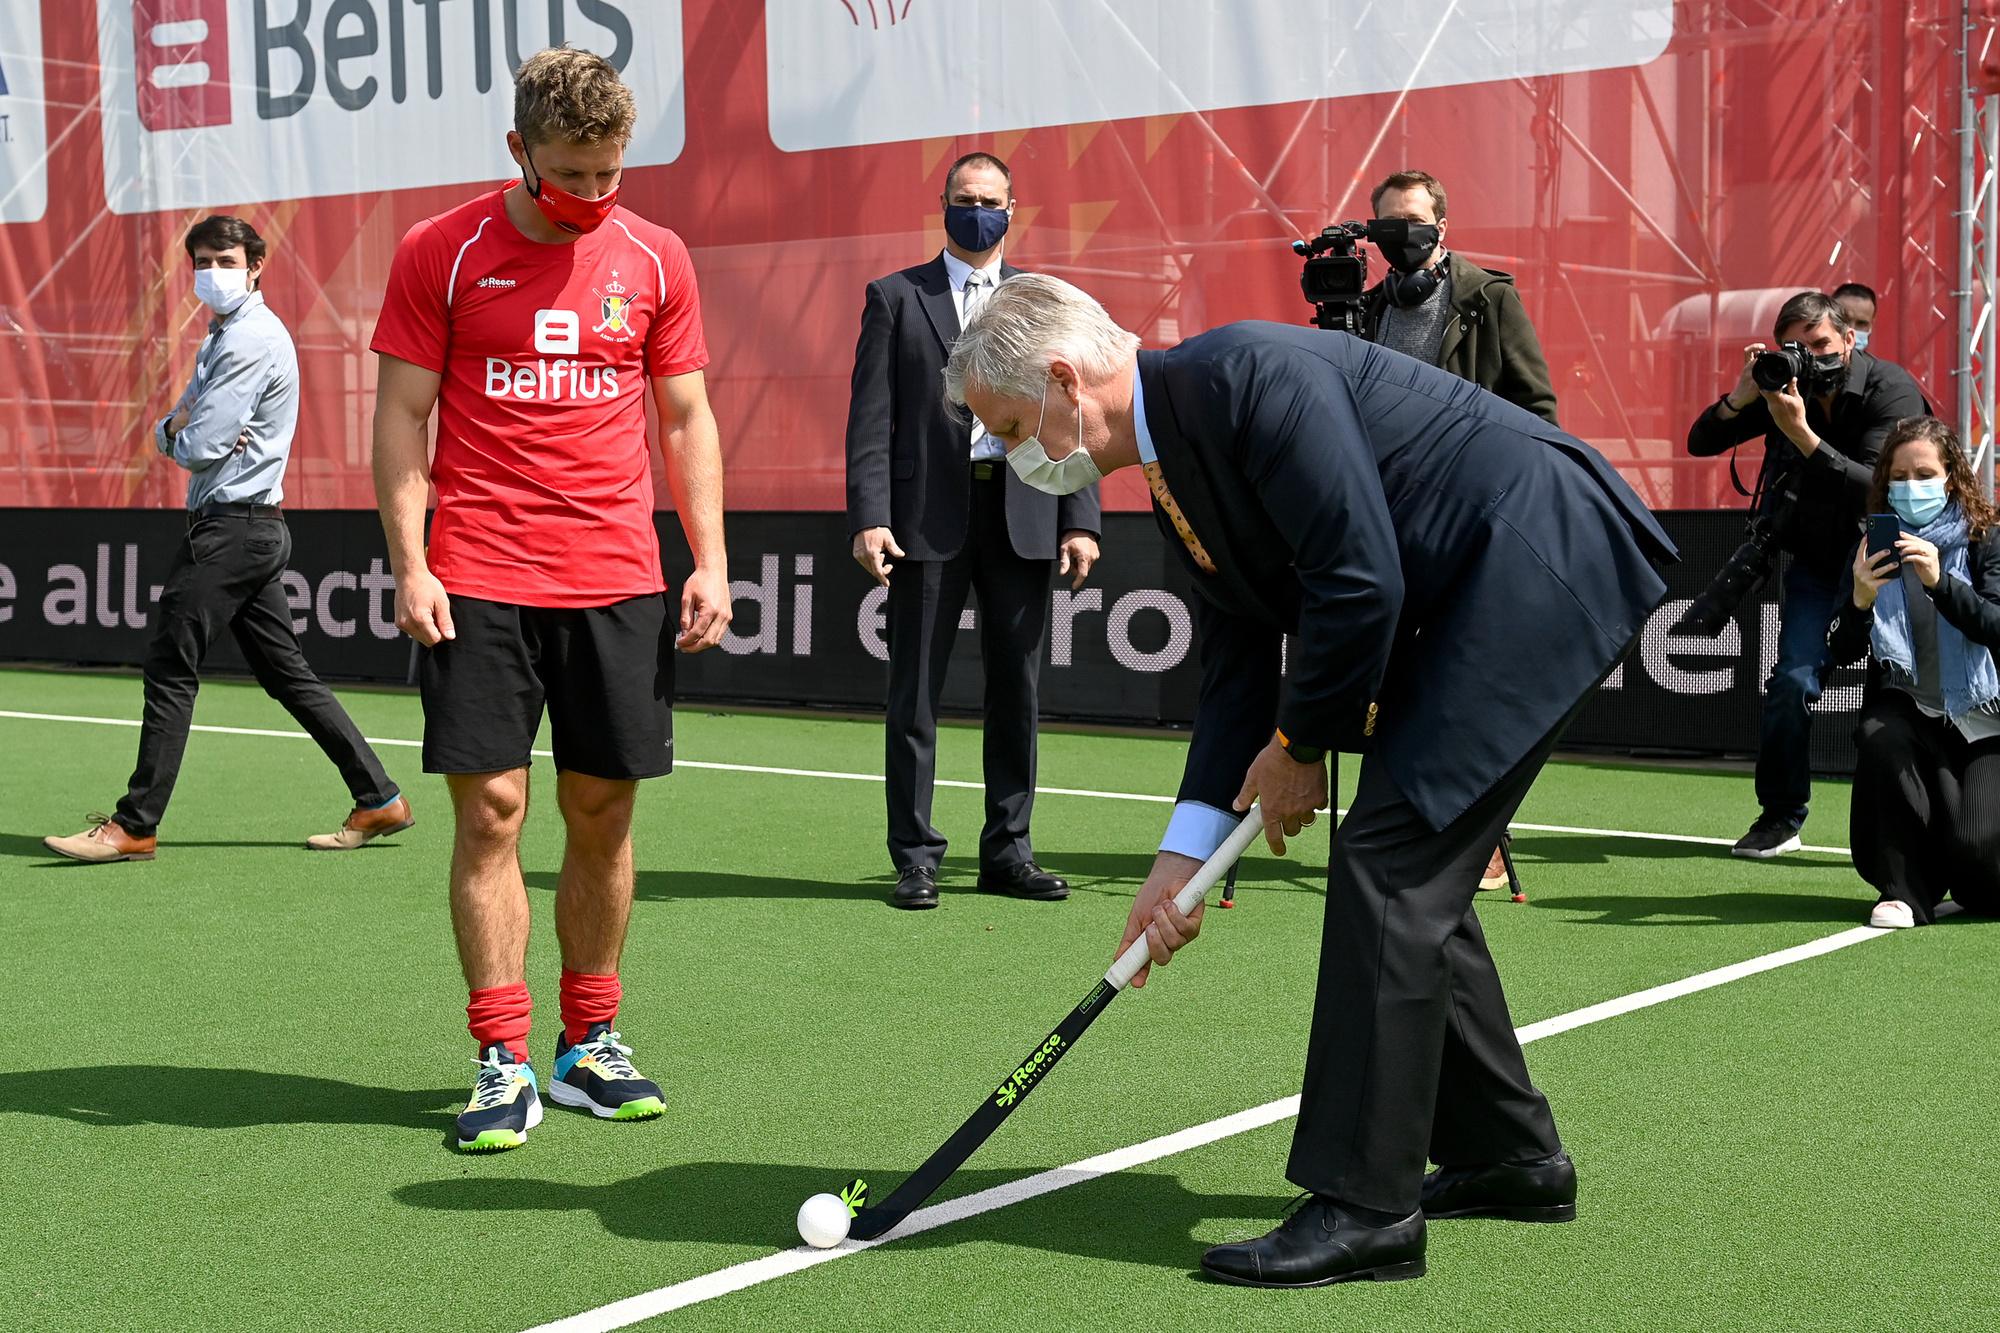 Koning Filip wou ook even zijn hockeyskills laten zien., Belga Image